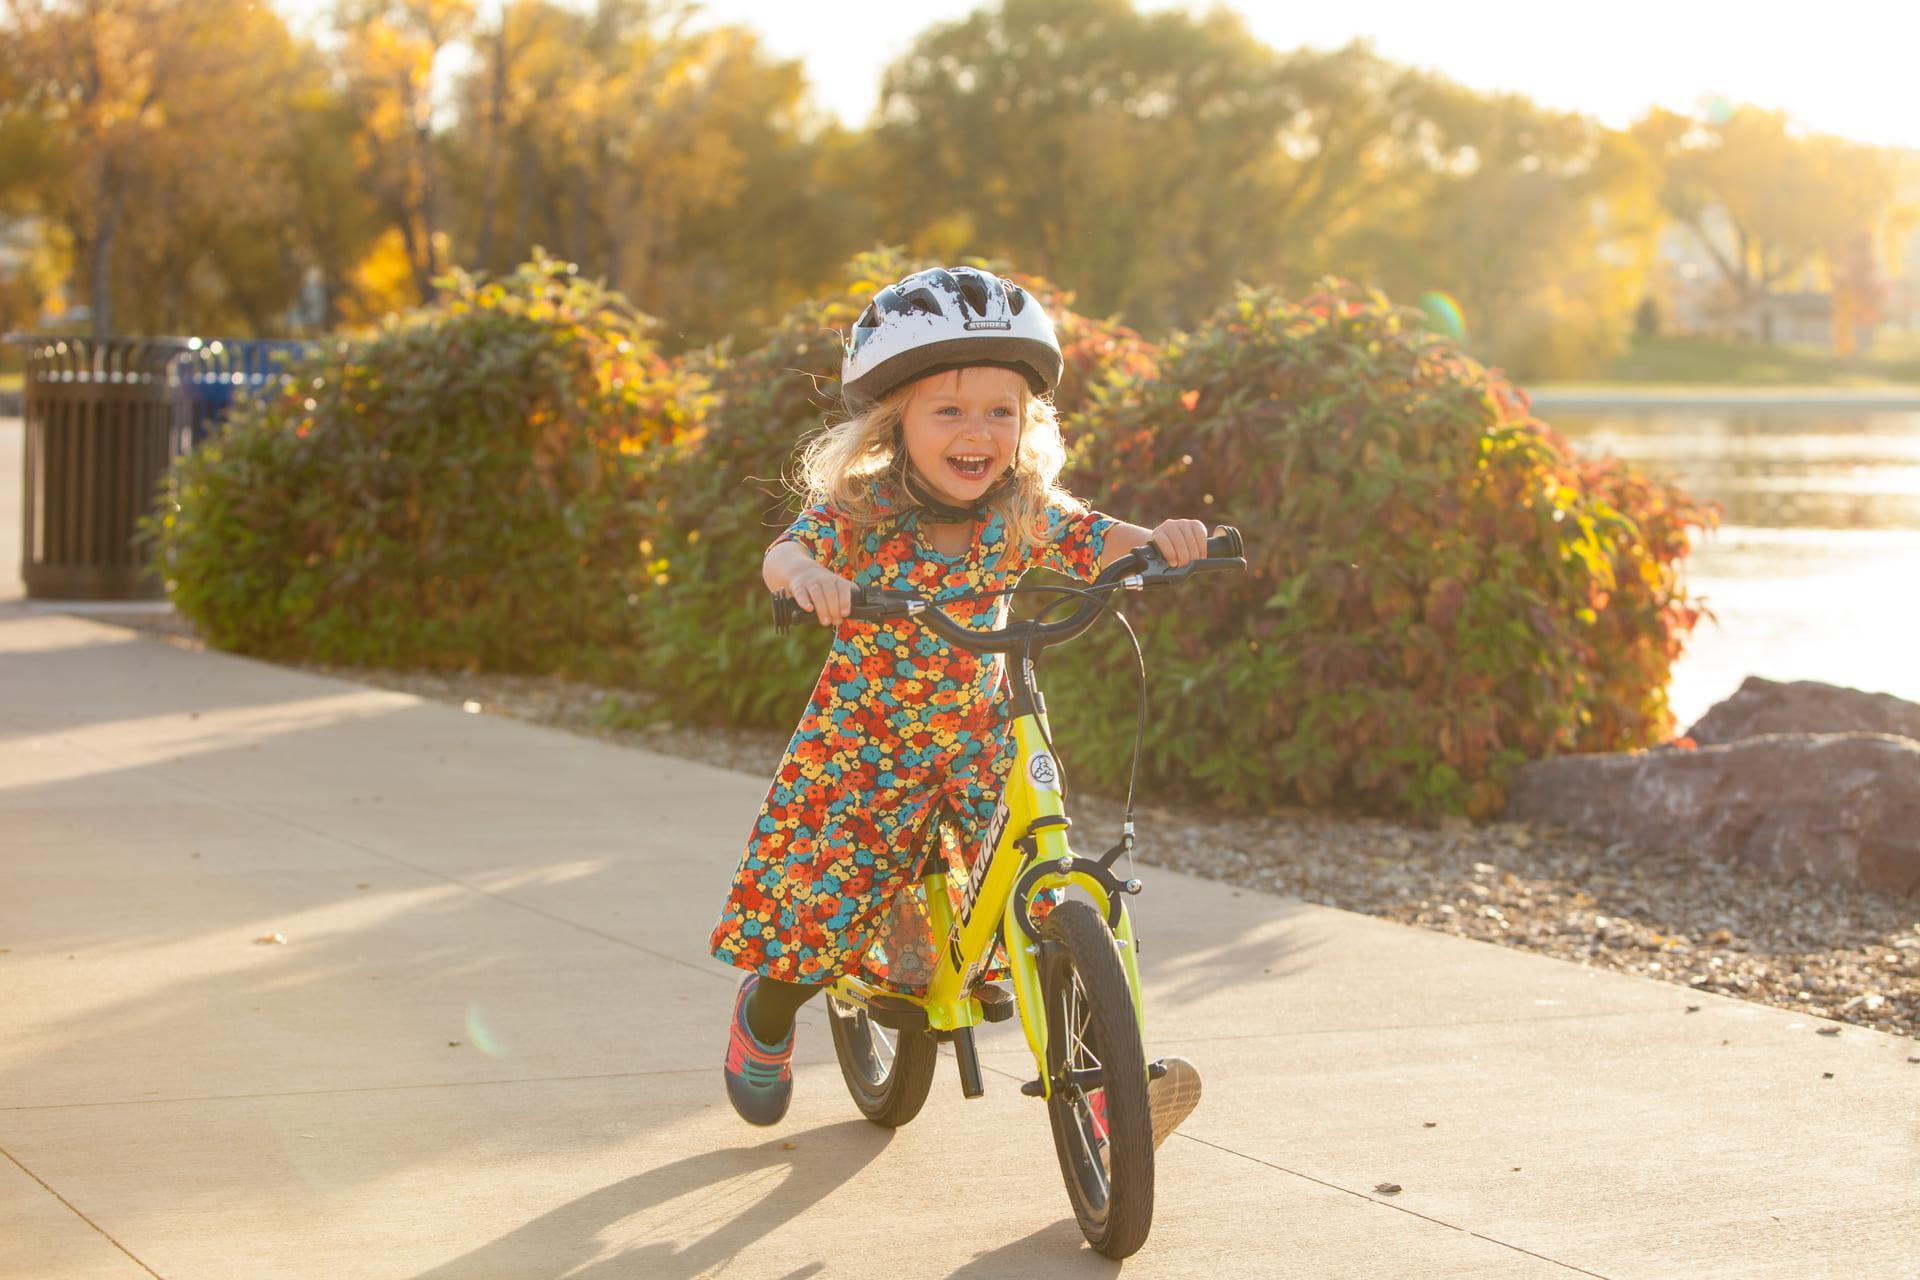 Strider Bike : la marque de draisienne investie auprès des enfants